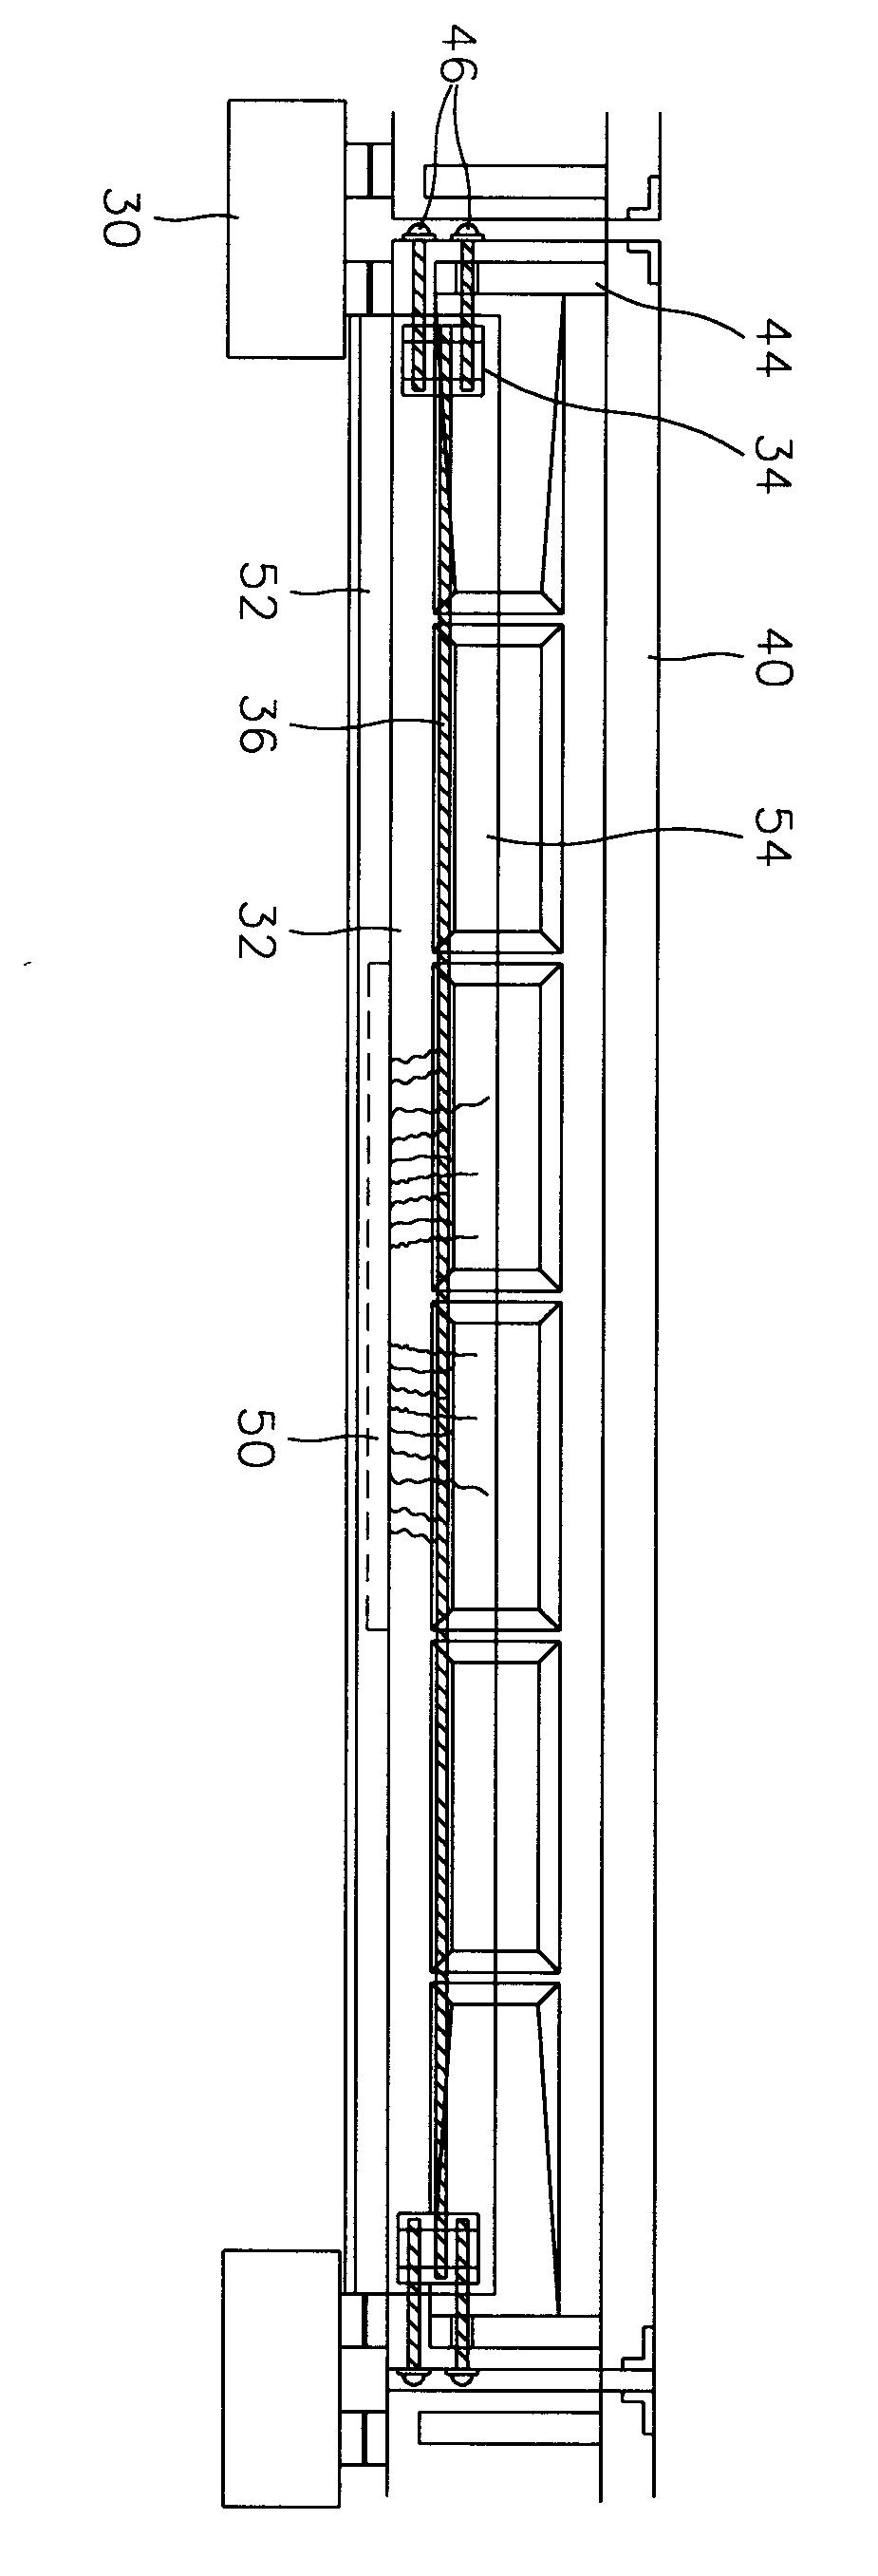 손상된교량주형의복합적보수보강방법(HYBRID METHOD FOR REPAIRING AND REFORCING CRACKED BEAMS OF BRIDGE)